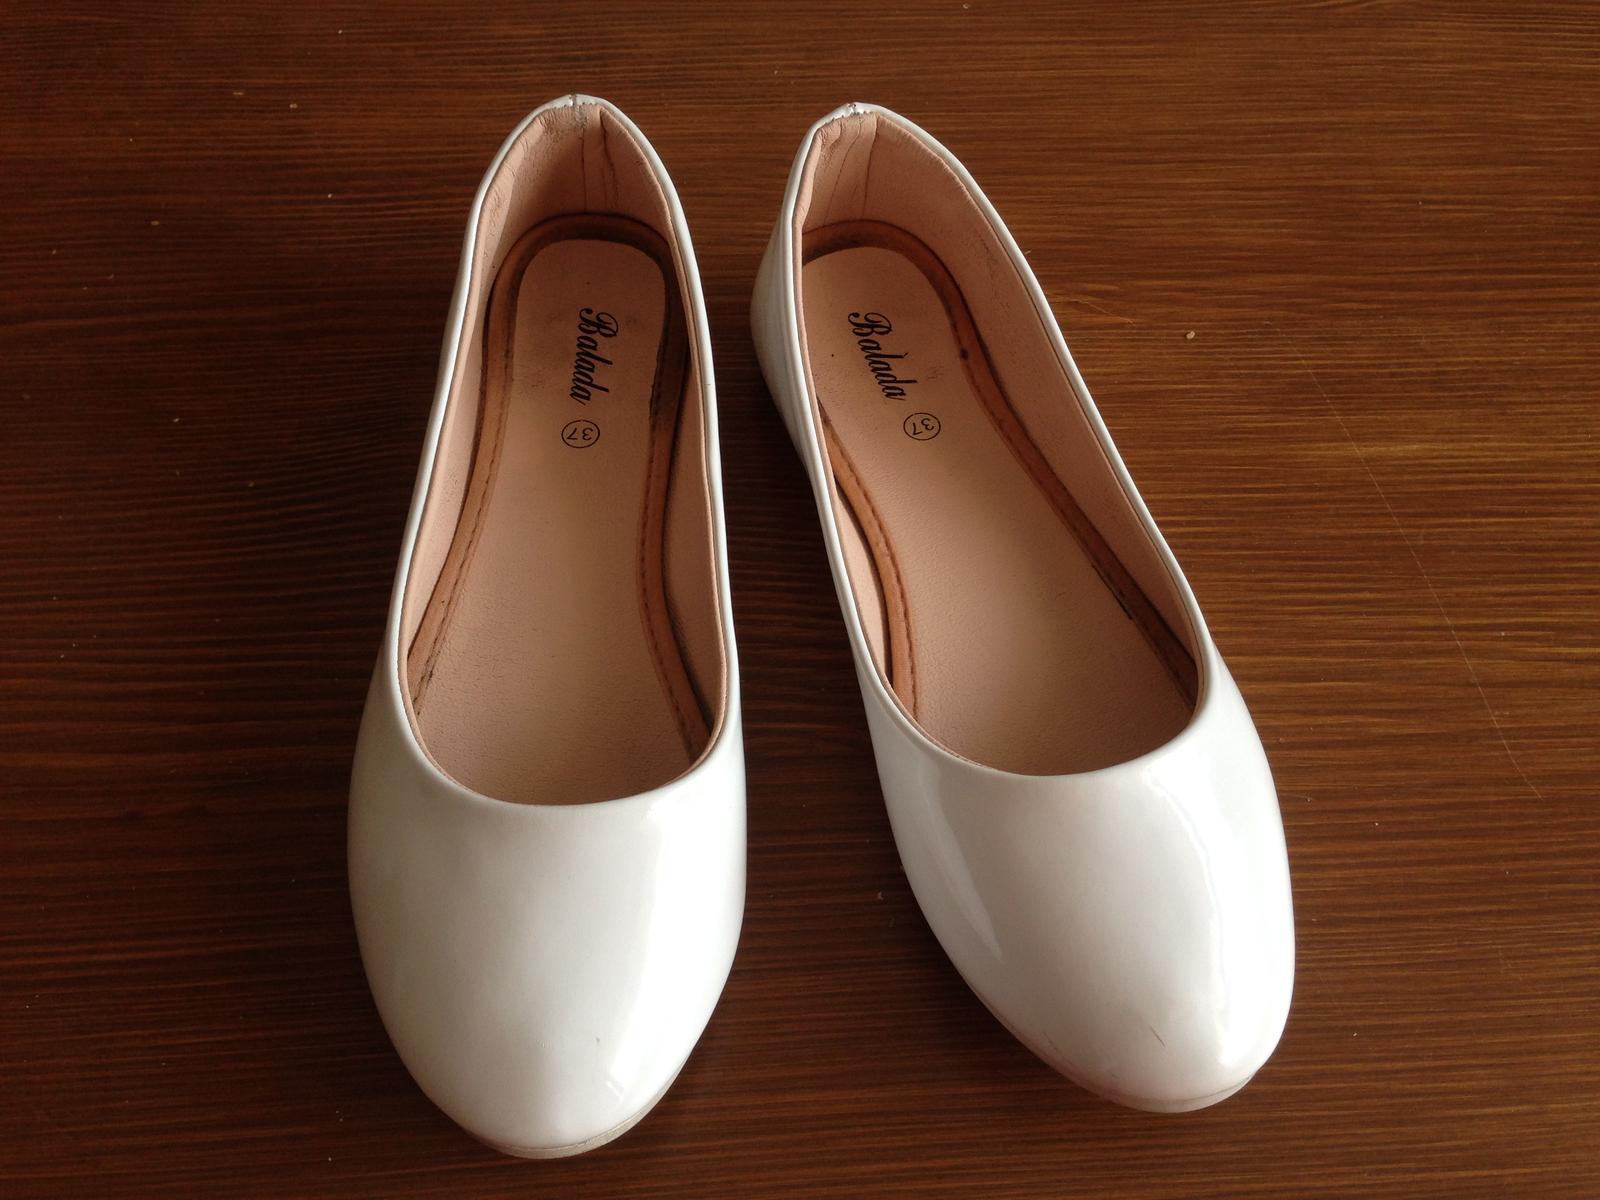 Bílé baleríny vel.37 - Obrázek č. 1